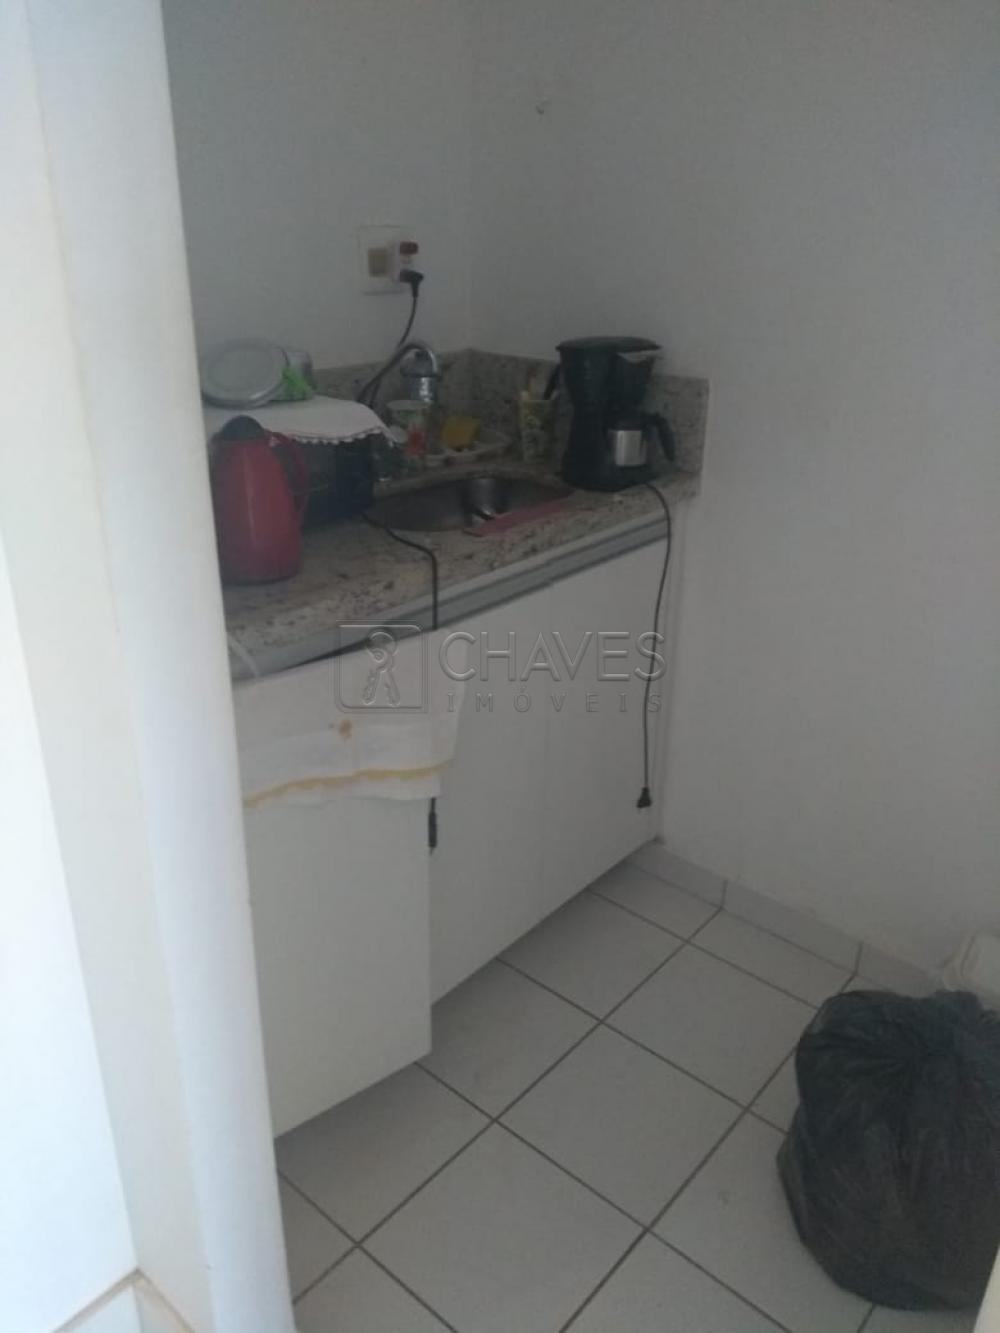 Comprar Comercial / Sala em Condomínio em Ribeirão Preto apenas R$ 250.000,00 - Foto 3